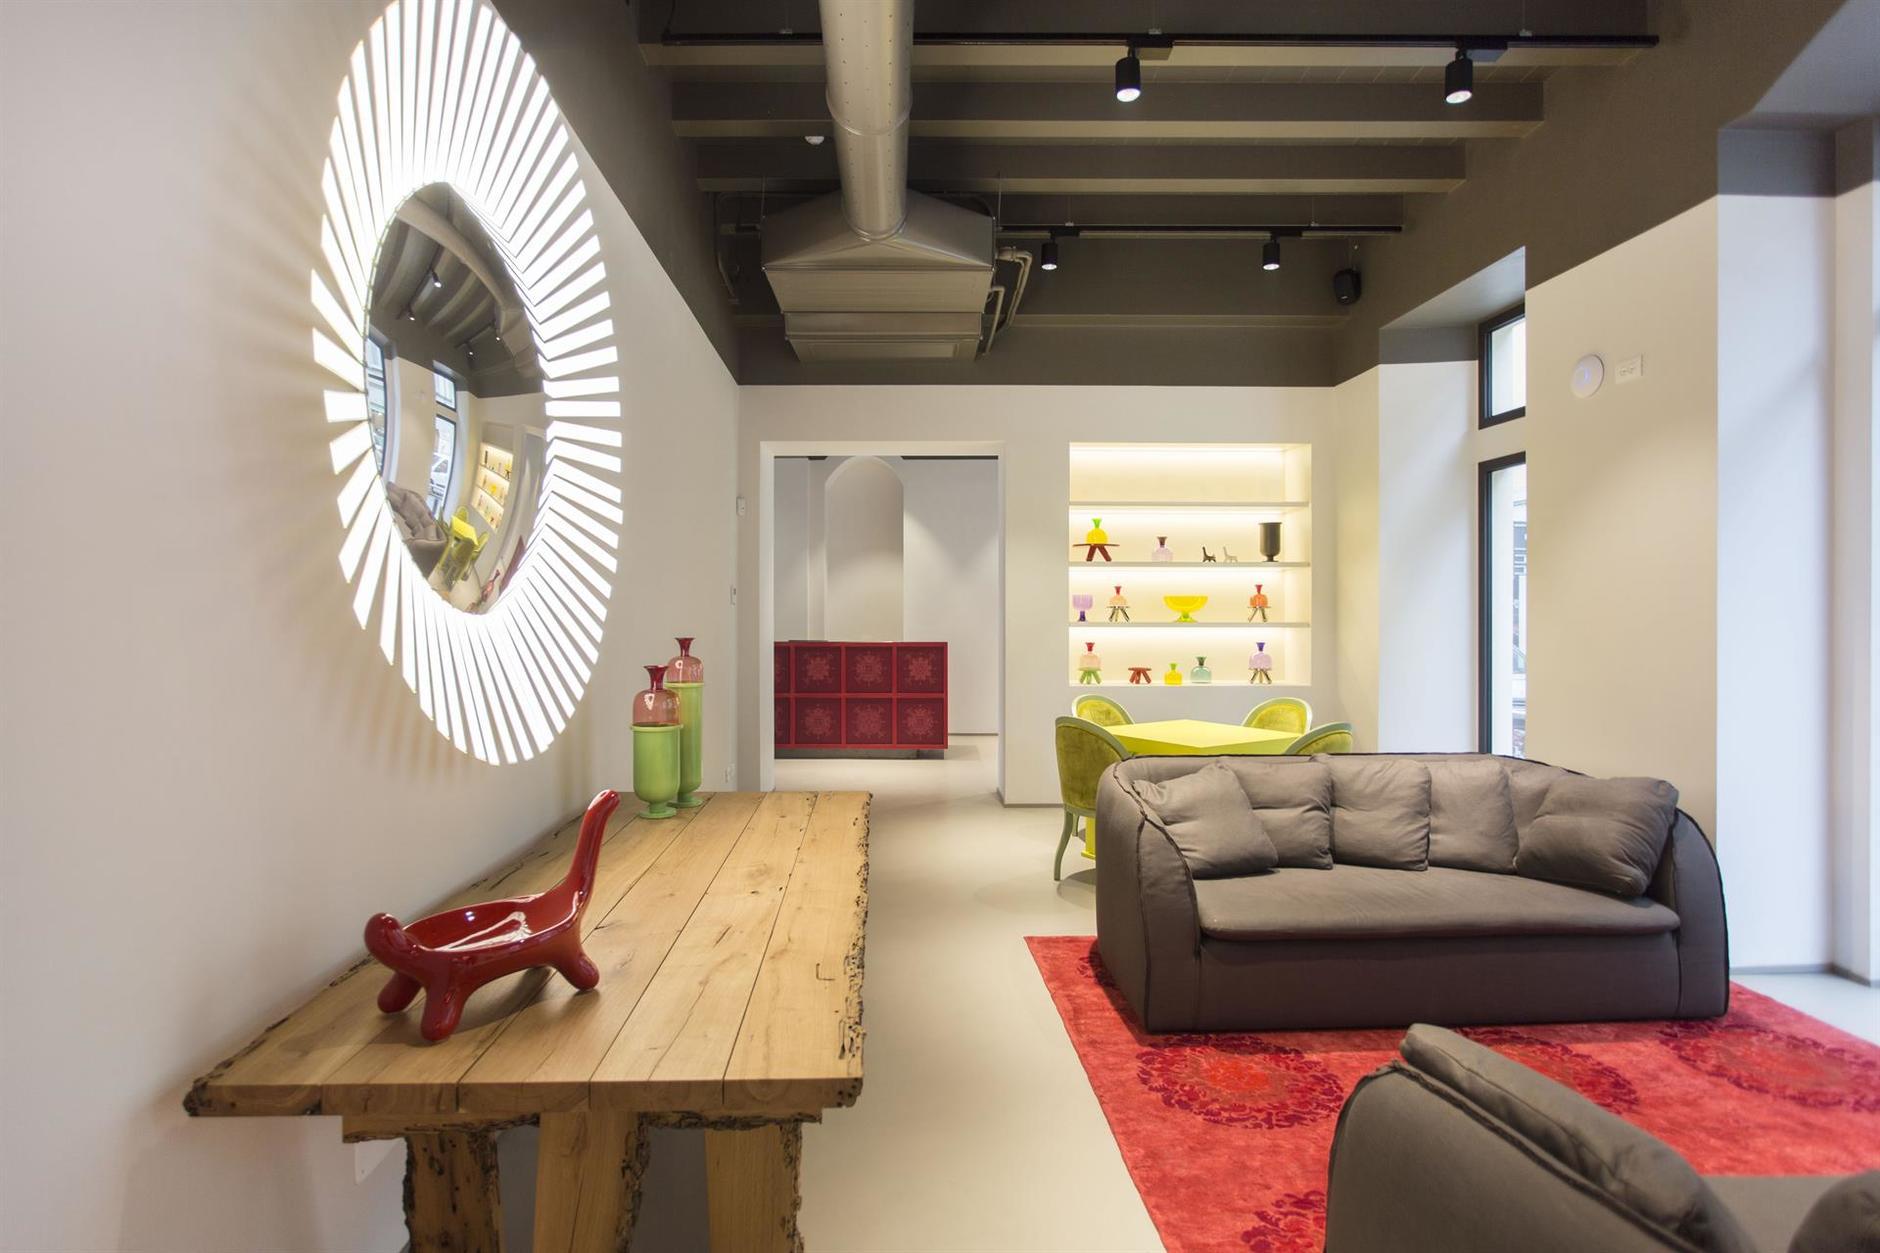 Savona 18 Suites: дизайн-отель Альдо Чибика в Милане (галерея 4, фото 3)